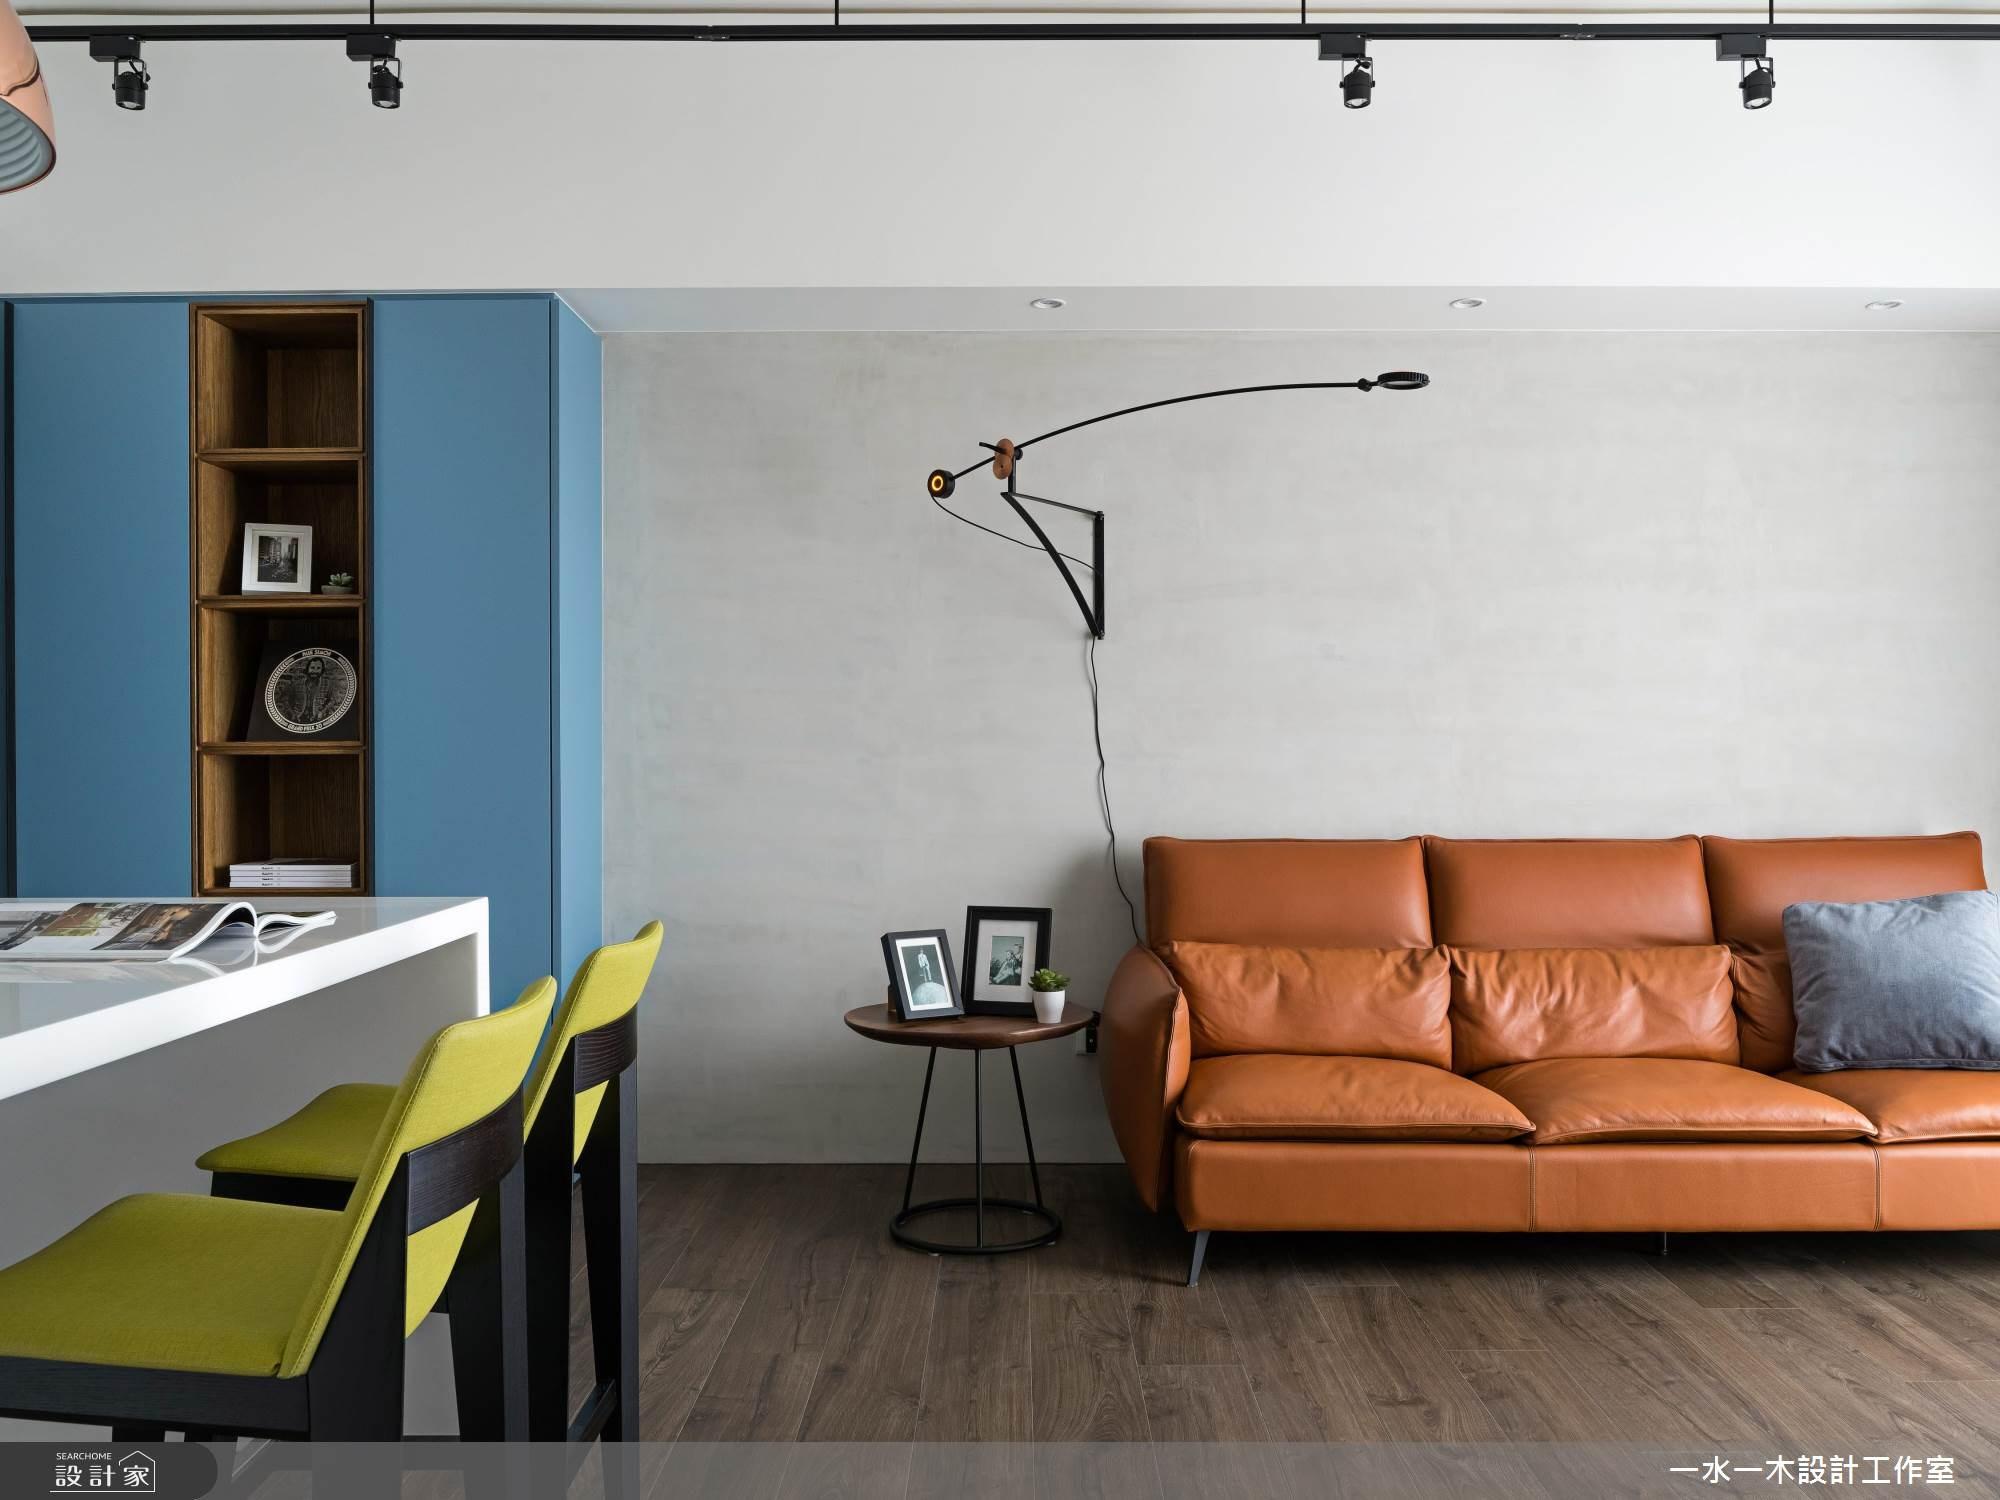 23坪新成屋(5年以下)_工業風客廳案例圖片_一水一木設計工作室_一水一木_34之6